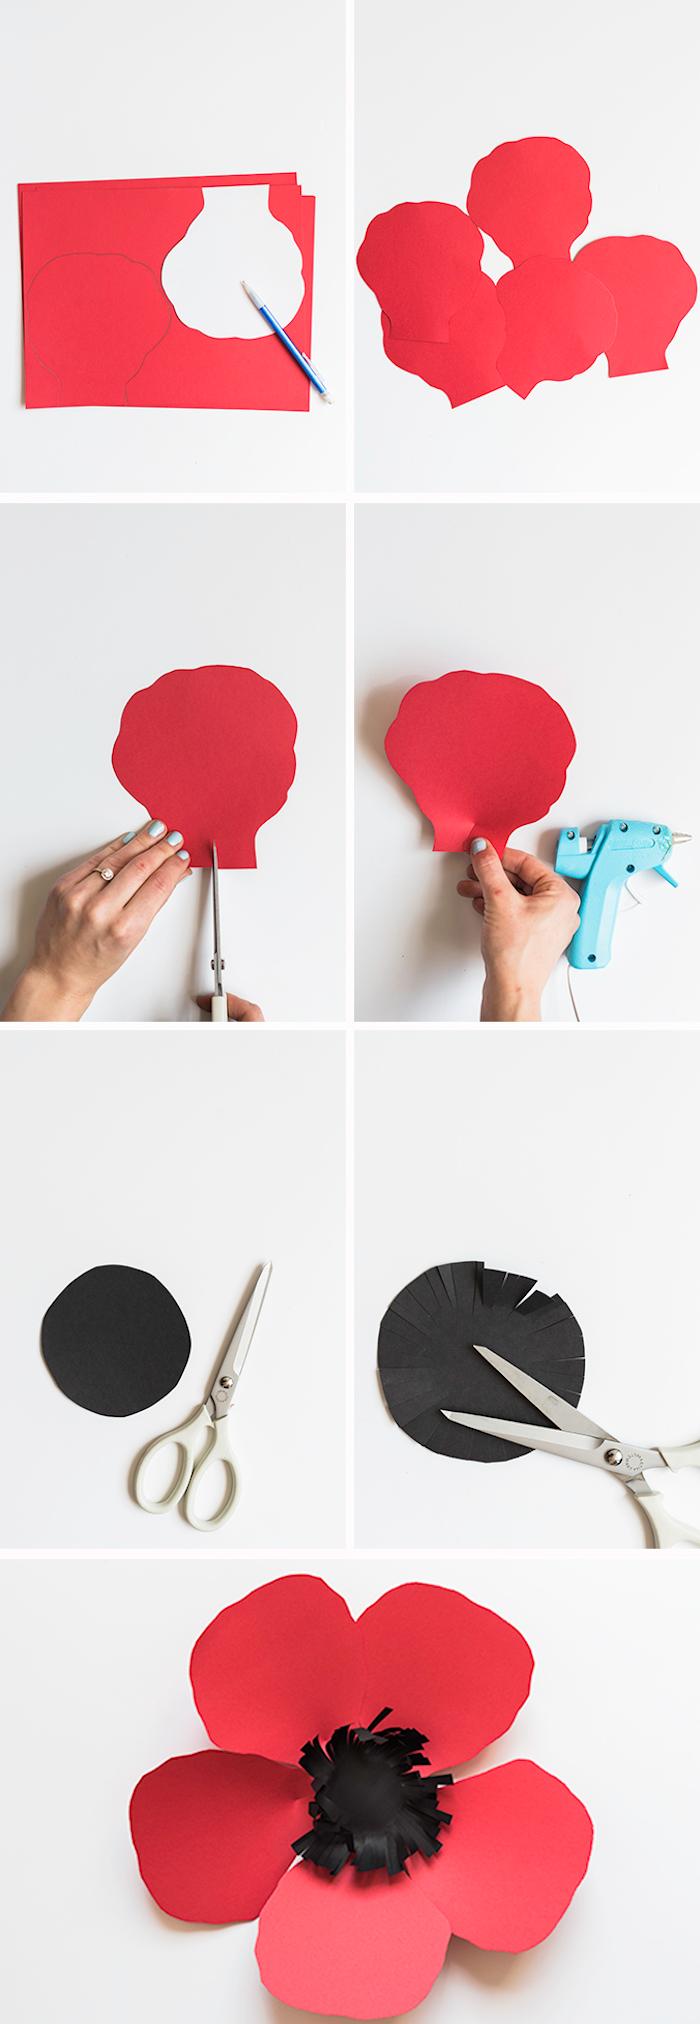 idée comment faire une fleur en papier, technique bricolage fleur rouge et noir simple, activité manuelle adulte